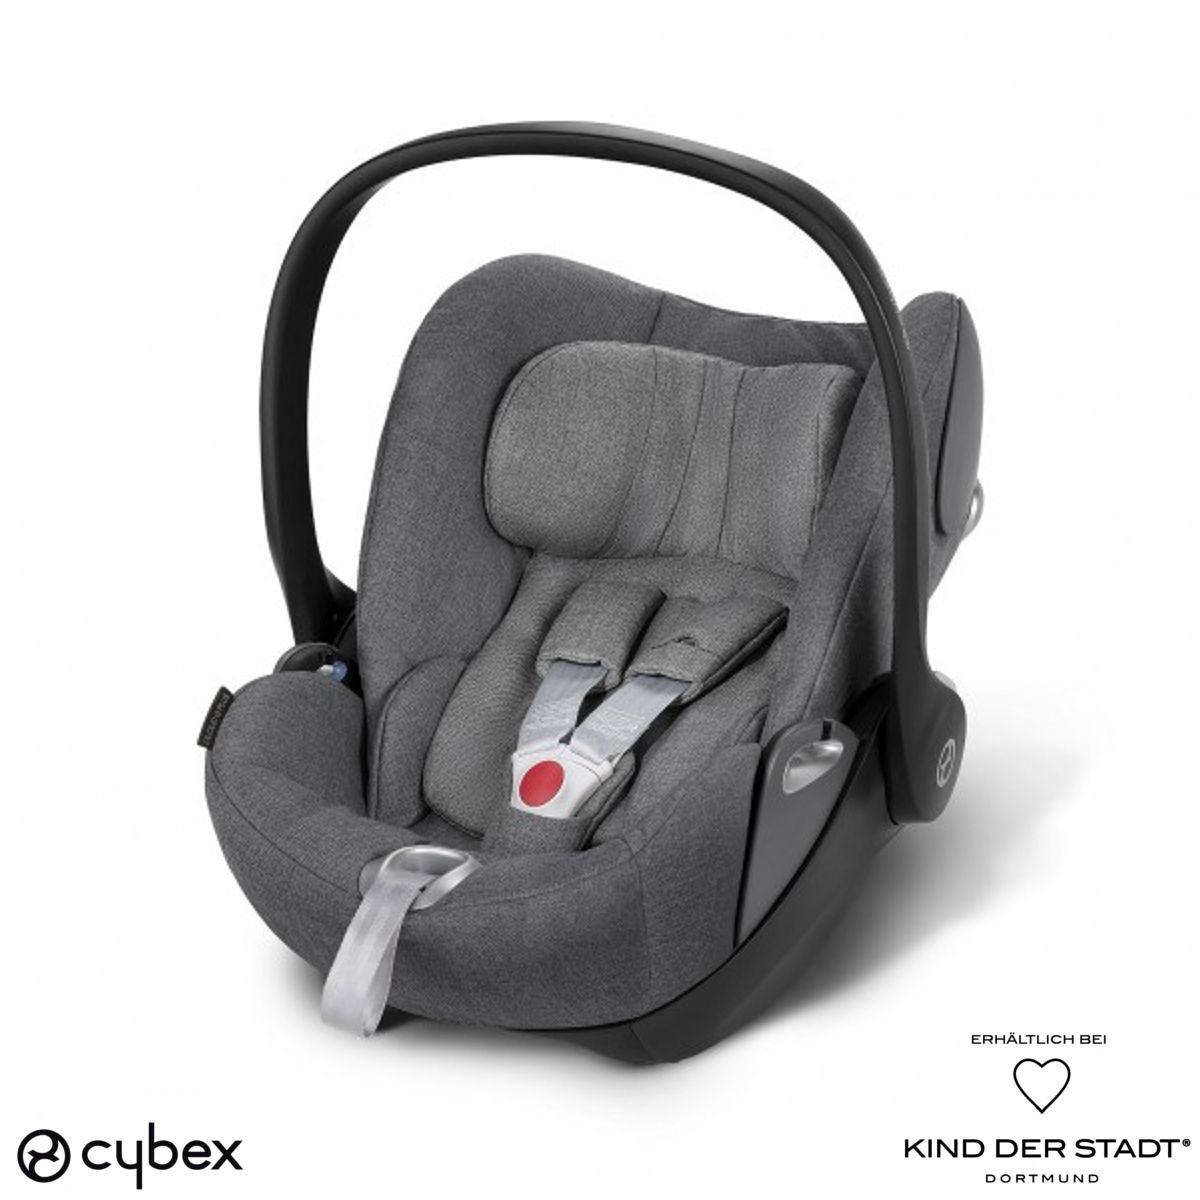 Passend Zum Cybex Priam Haben Wir Auch Die Cybex Cloud Q Babyschale Die Premium Babyschale Ist Eine Symbiose Aus Ausgeze Babyschale Kindersitz Cybex Platinum